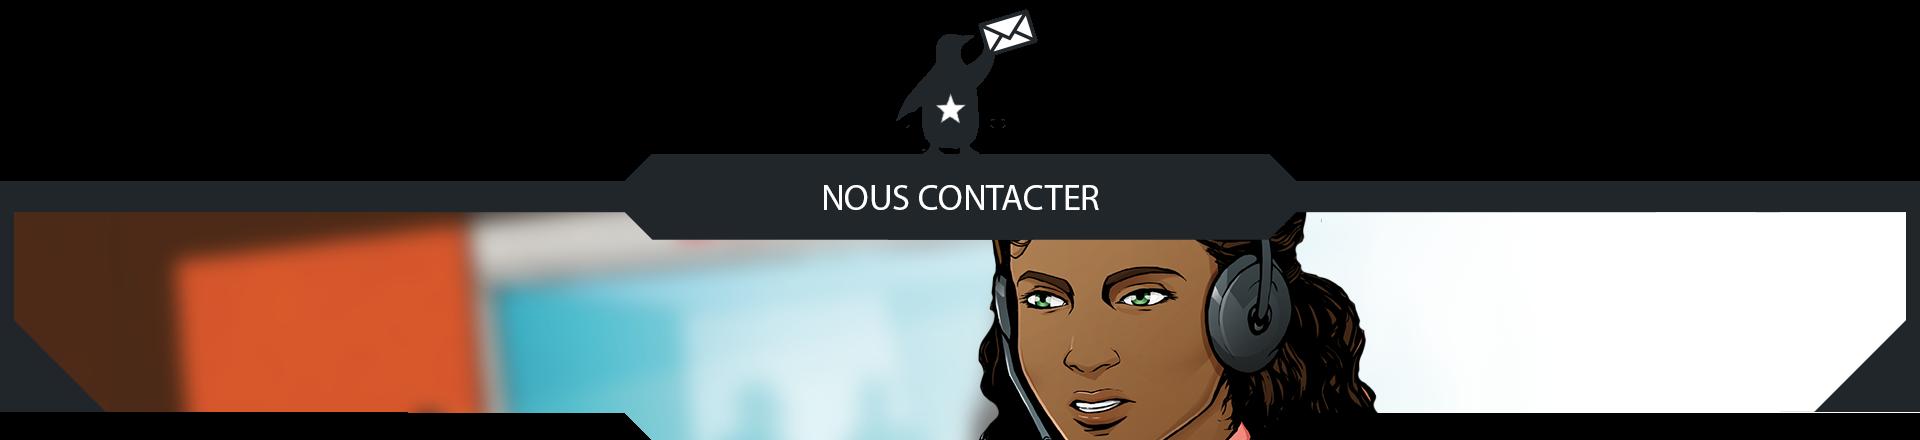 cccpwebsite_banner_contactus